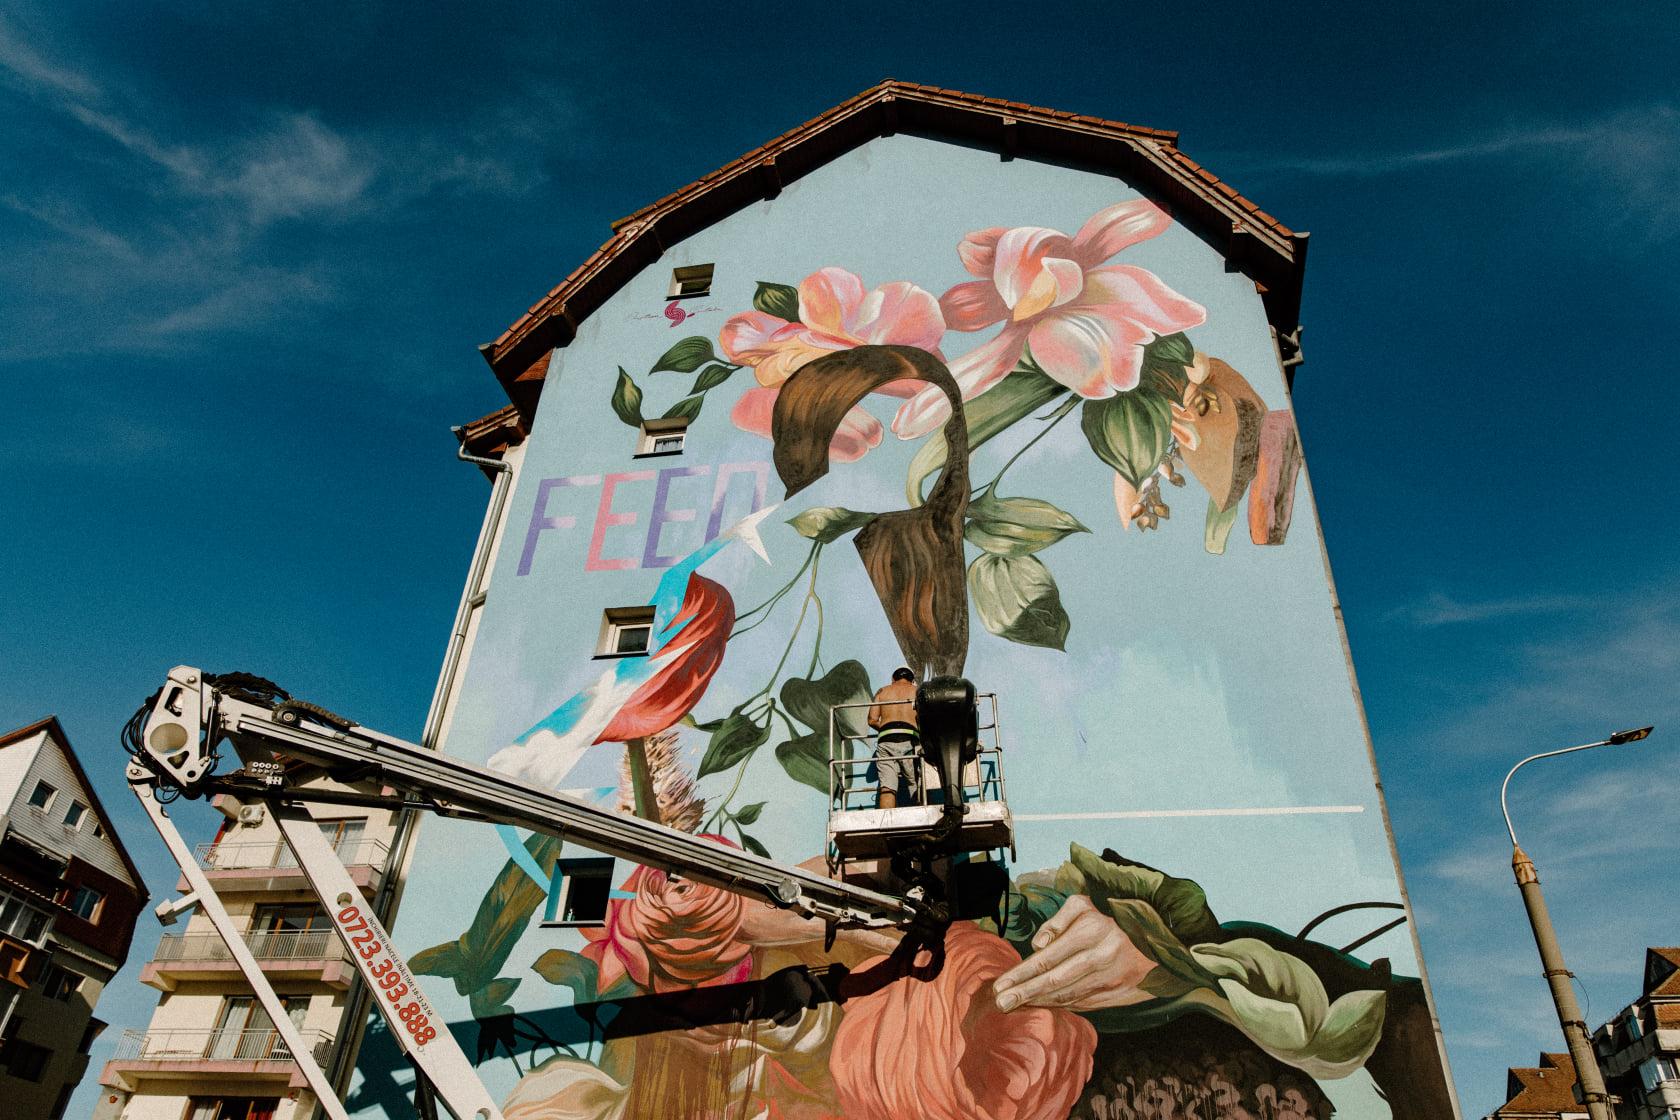 Zidurile orașului prind viață în luna iulie. S-au anunțat artiștii care vor picta la Street Art